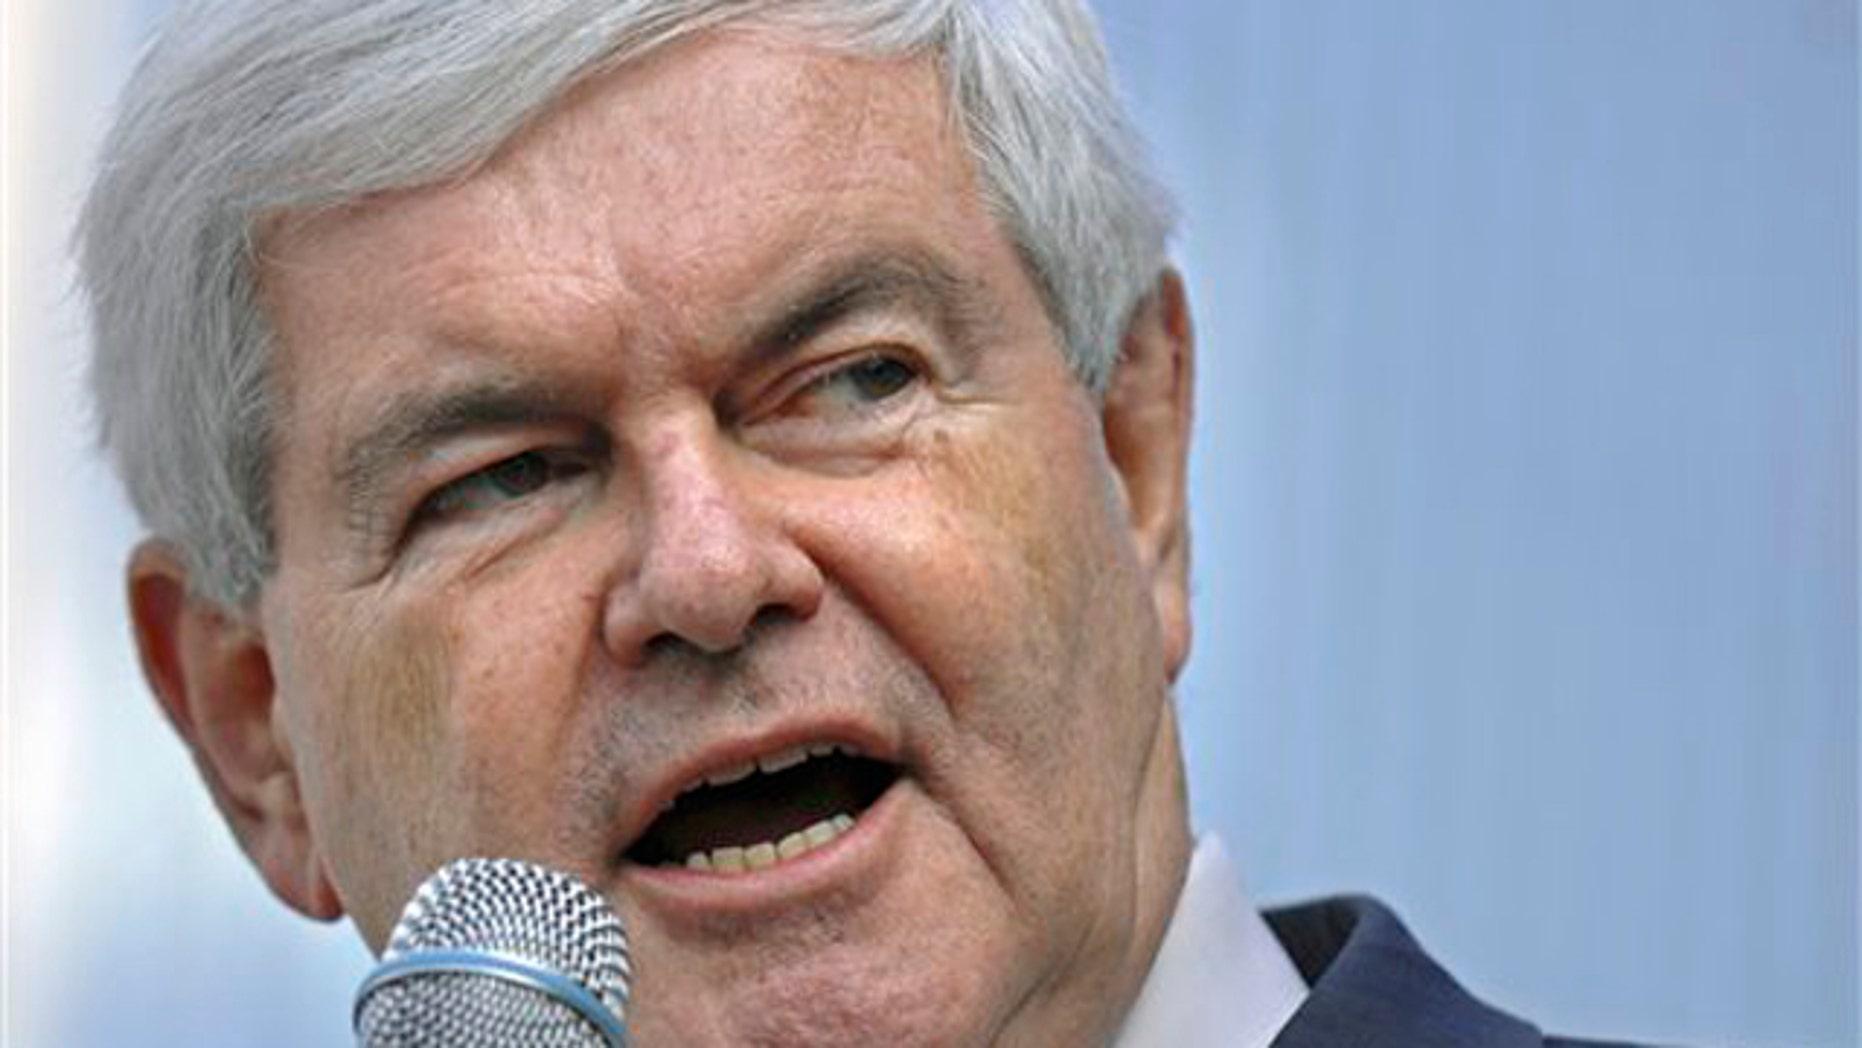 Nov. 17, 2011: Former House Speaker Newt Gingrich speaks during a rally in Jacksonville, Fla.